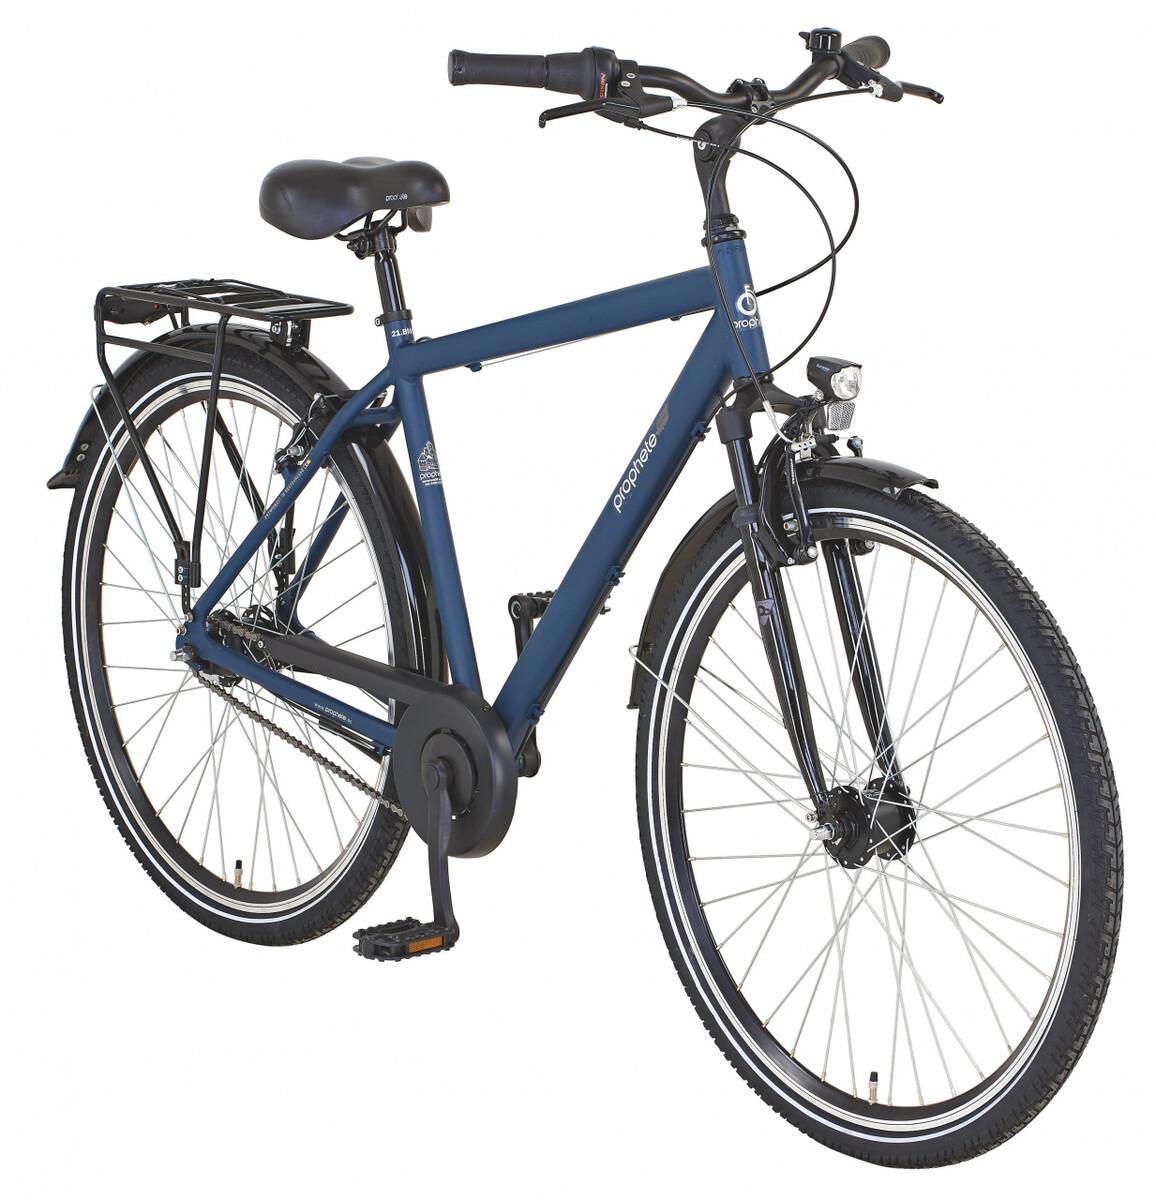 Bild 1 von Prophete Geniesser Herren-City-Bike 28'' 21.BMC.10